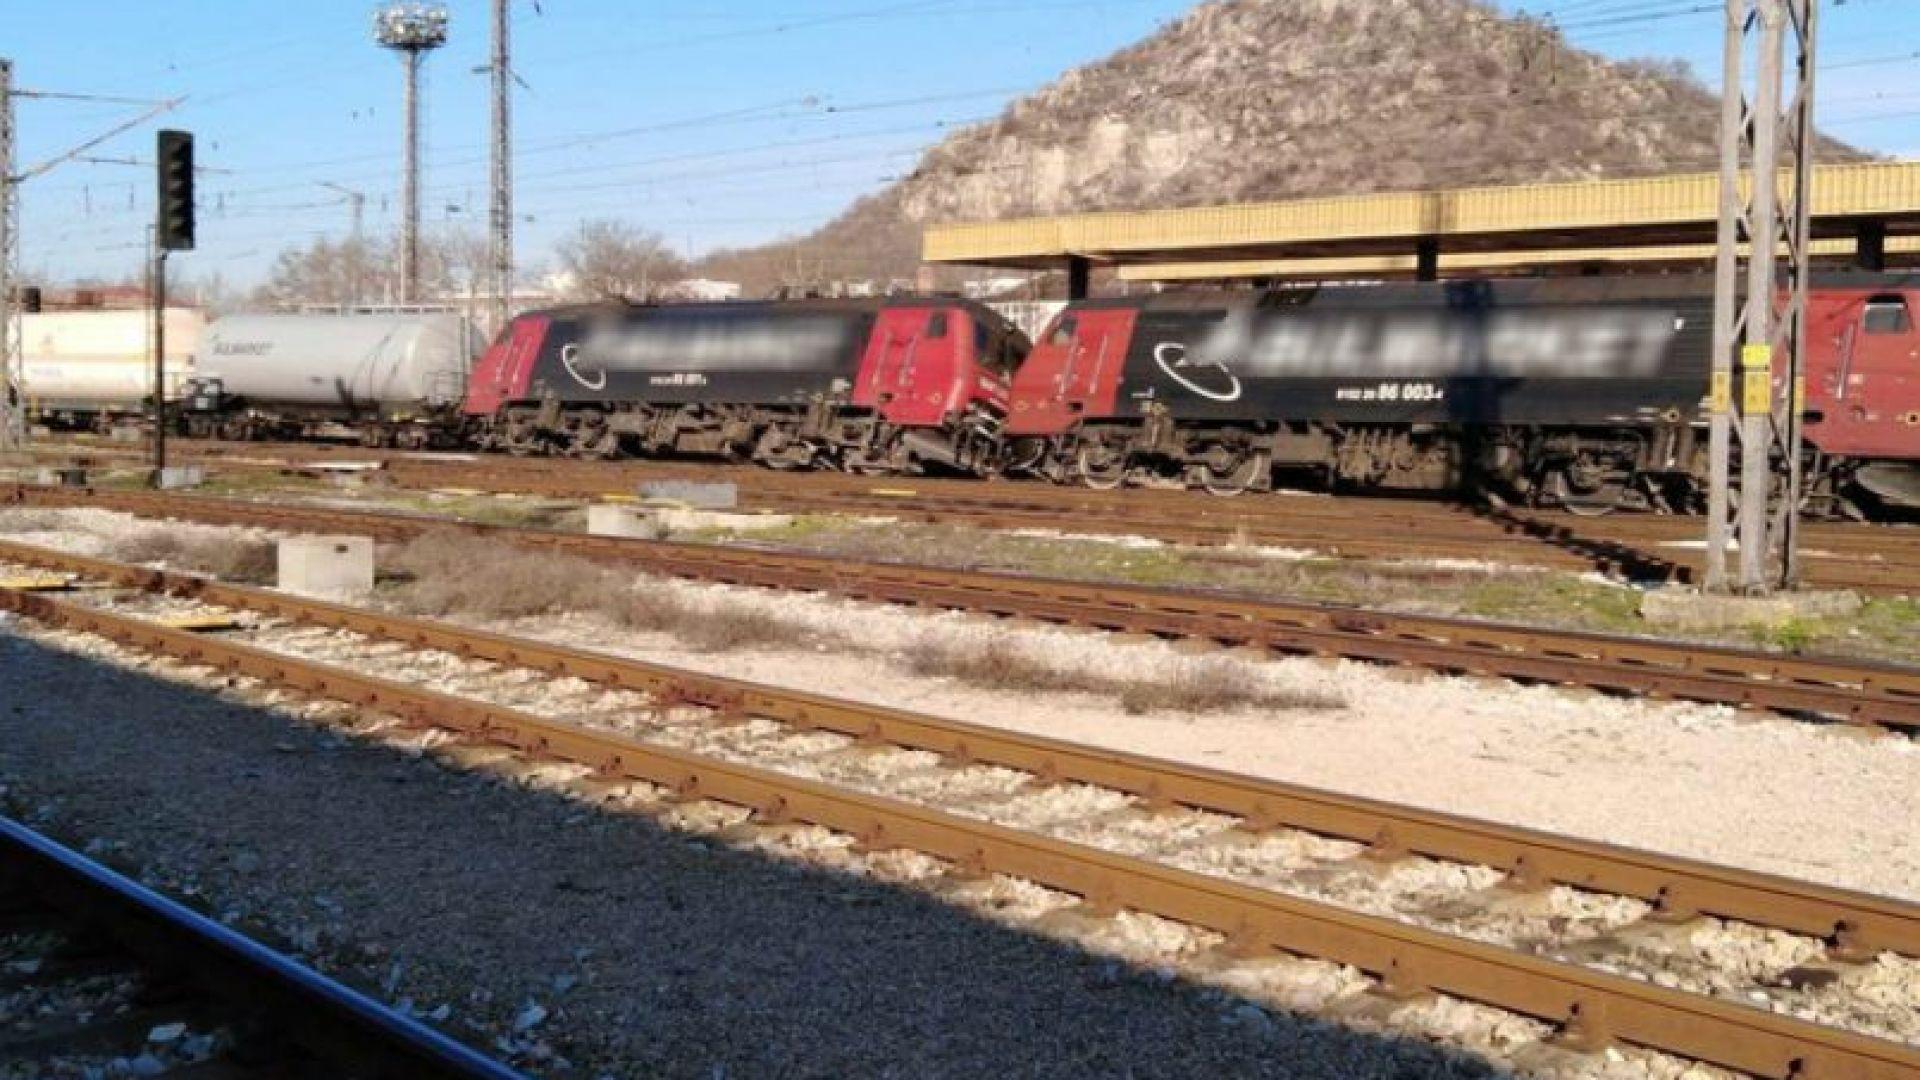 Дерайлиралите цистерни с пропан-бутан и двамата локомотива от товарната композиция